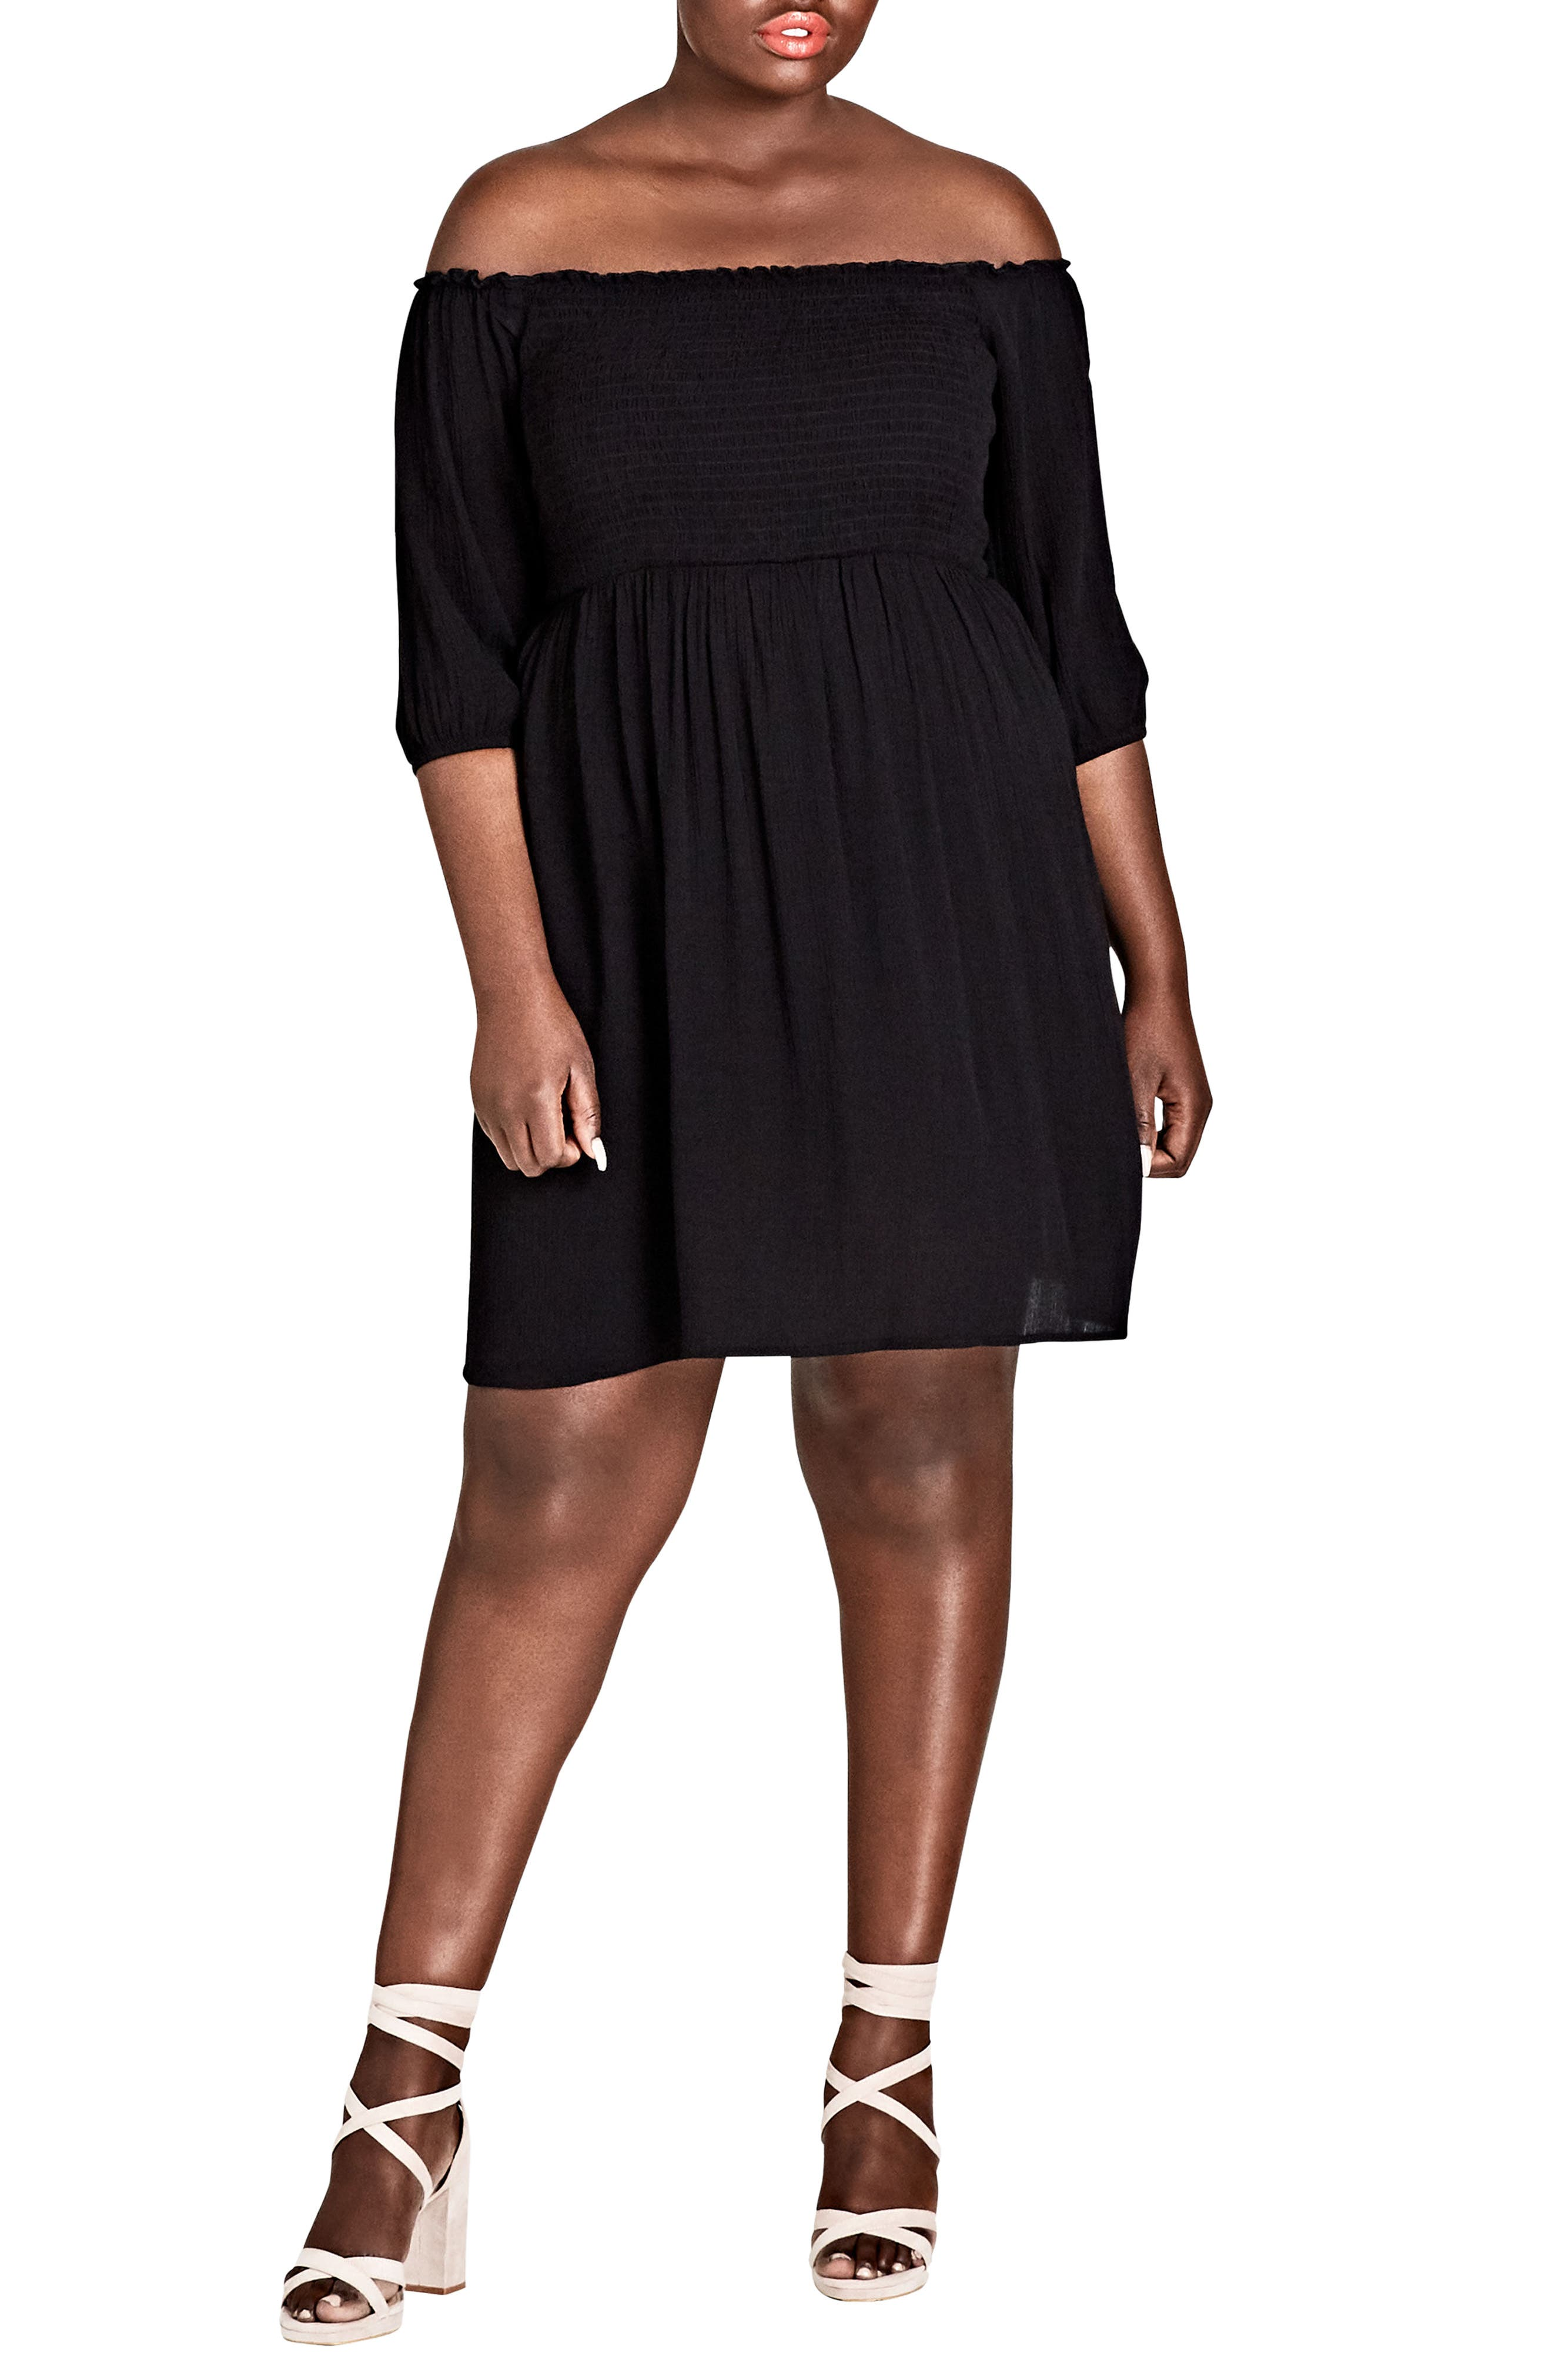 Plus Size City Chic Calista Off The Shoulder Dress